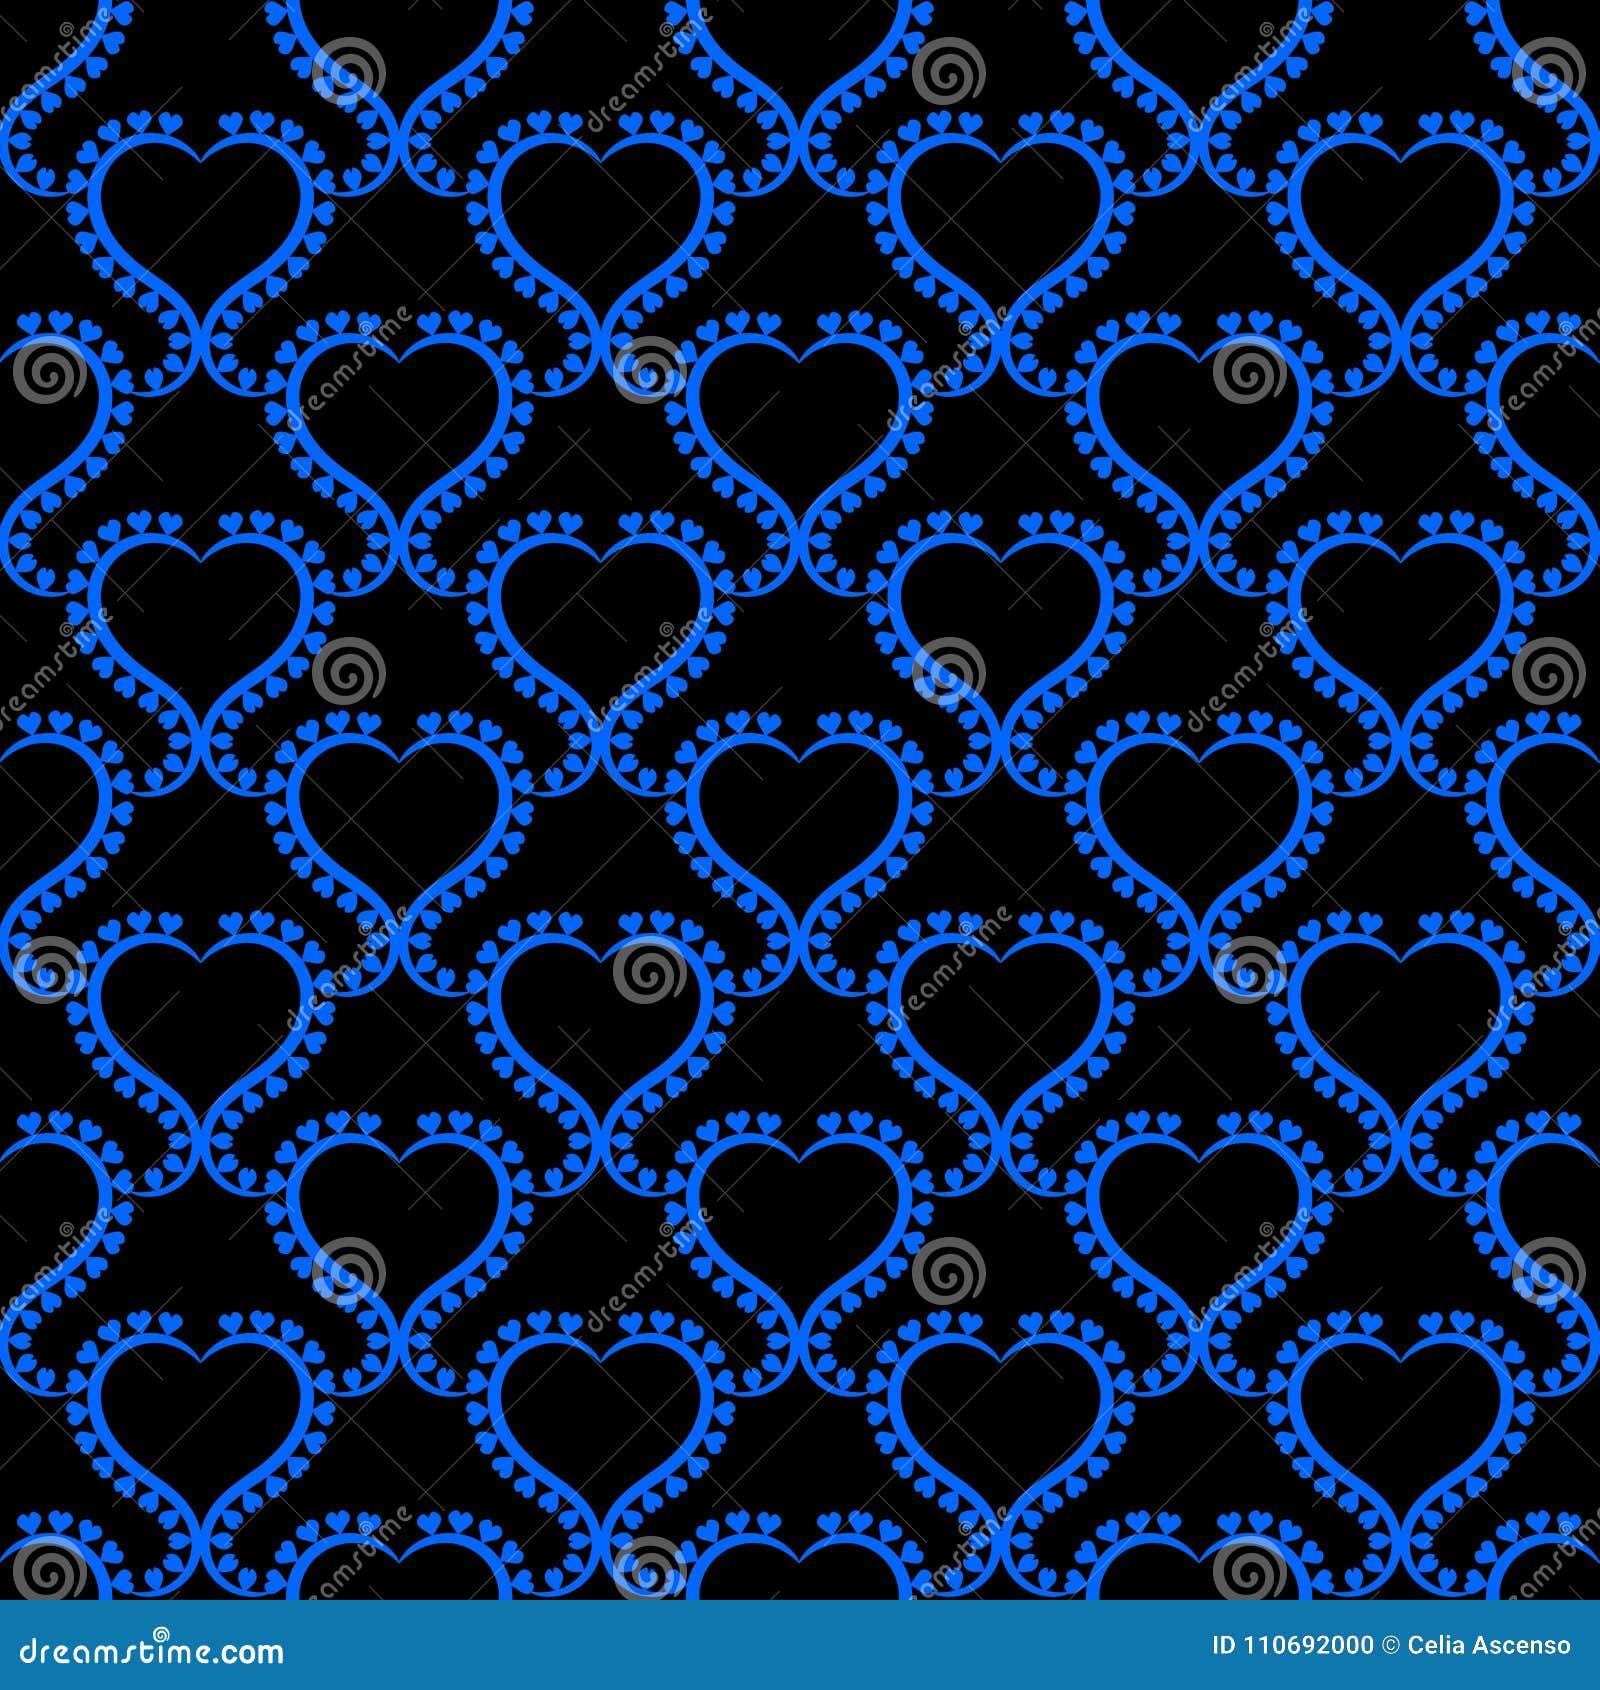 Papel pintado inconsútil azul de los corazones de la noche